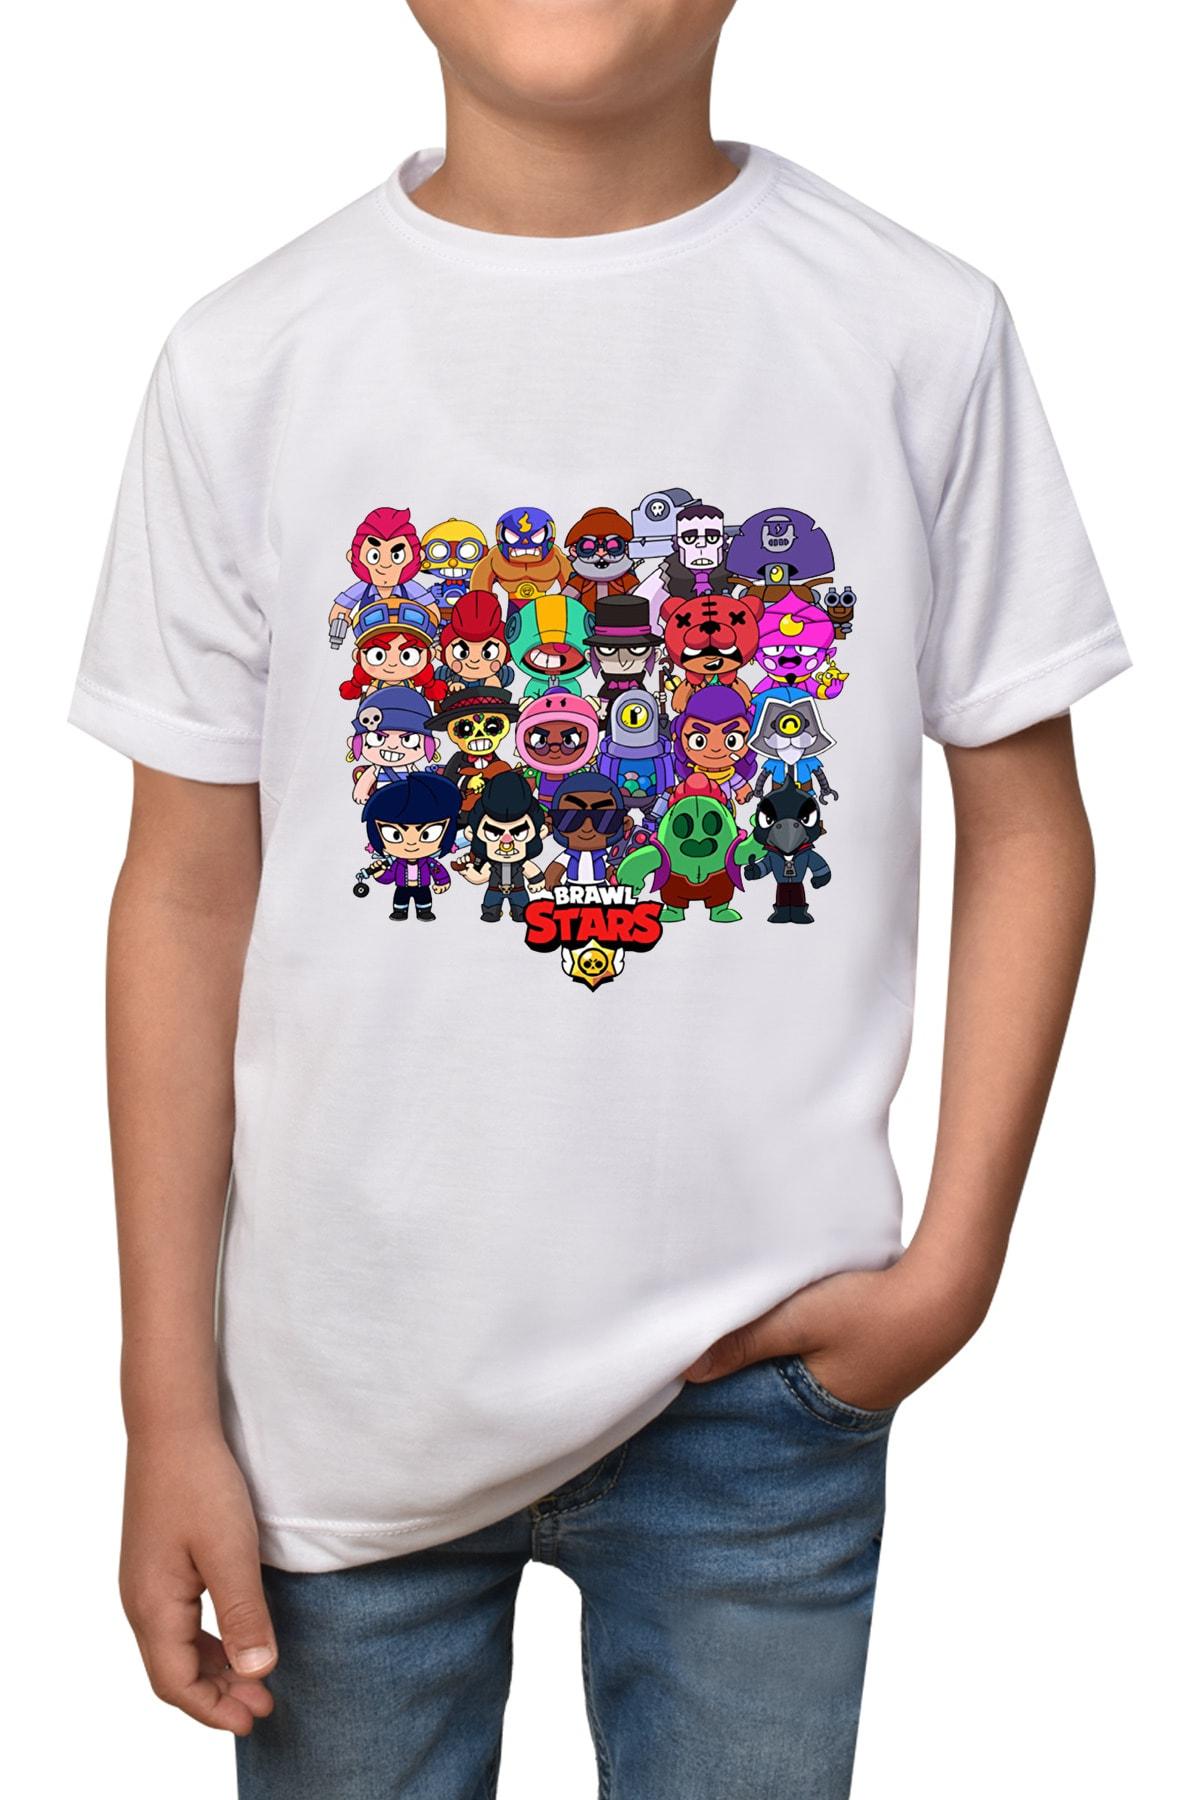 Brawl Stars - Beyaz Çocuk - T-shirt T-19